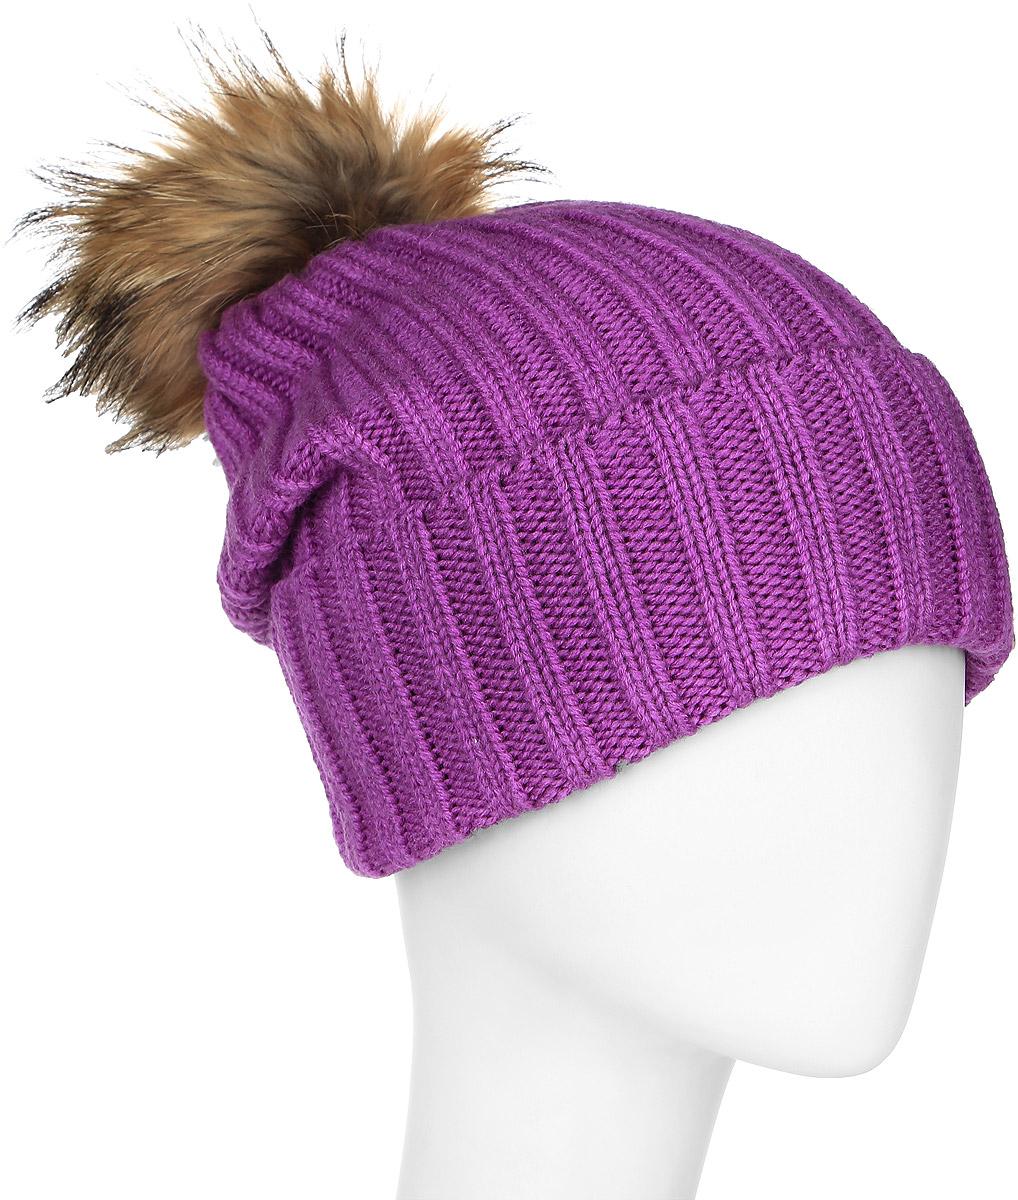 ШапкаMLH6190Теплая женская шапка Marhatter отлично дополнит ваш образ в холодную погоду. Сочетание шерсти и акрила максимально сохраняет тепло и обеспечивает удобную посадку, невероятную легкость и мягкость. Удлиненная шапка с отворотом выполнена в лаконичном однотонном стиле и дополнена на макушке пушистым помпоном из натурального меха енота. Спереди модель дополнена небольшой металлической пластиной с изображением снежинки. Незаменимая вещь на прохладную погоду. Модель составит идеальный комплект с модной верхней одеждой, в ней вам будет уютно и тепло. Уважаемые клиенты! Размер, доступный для заказа, является обхватом головы.